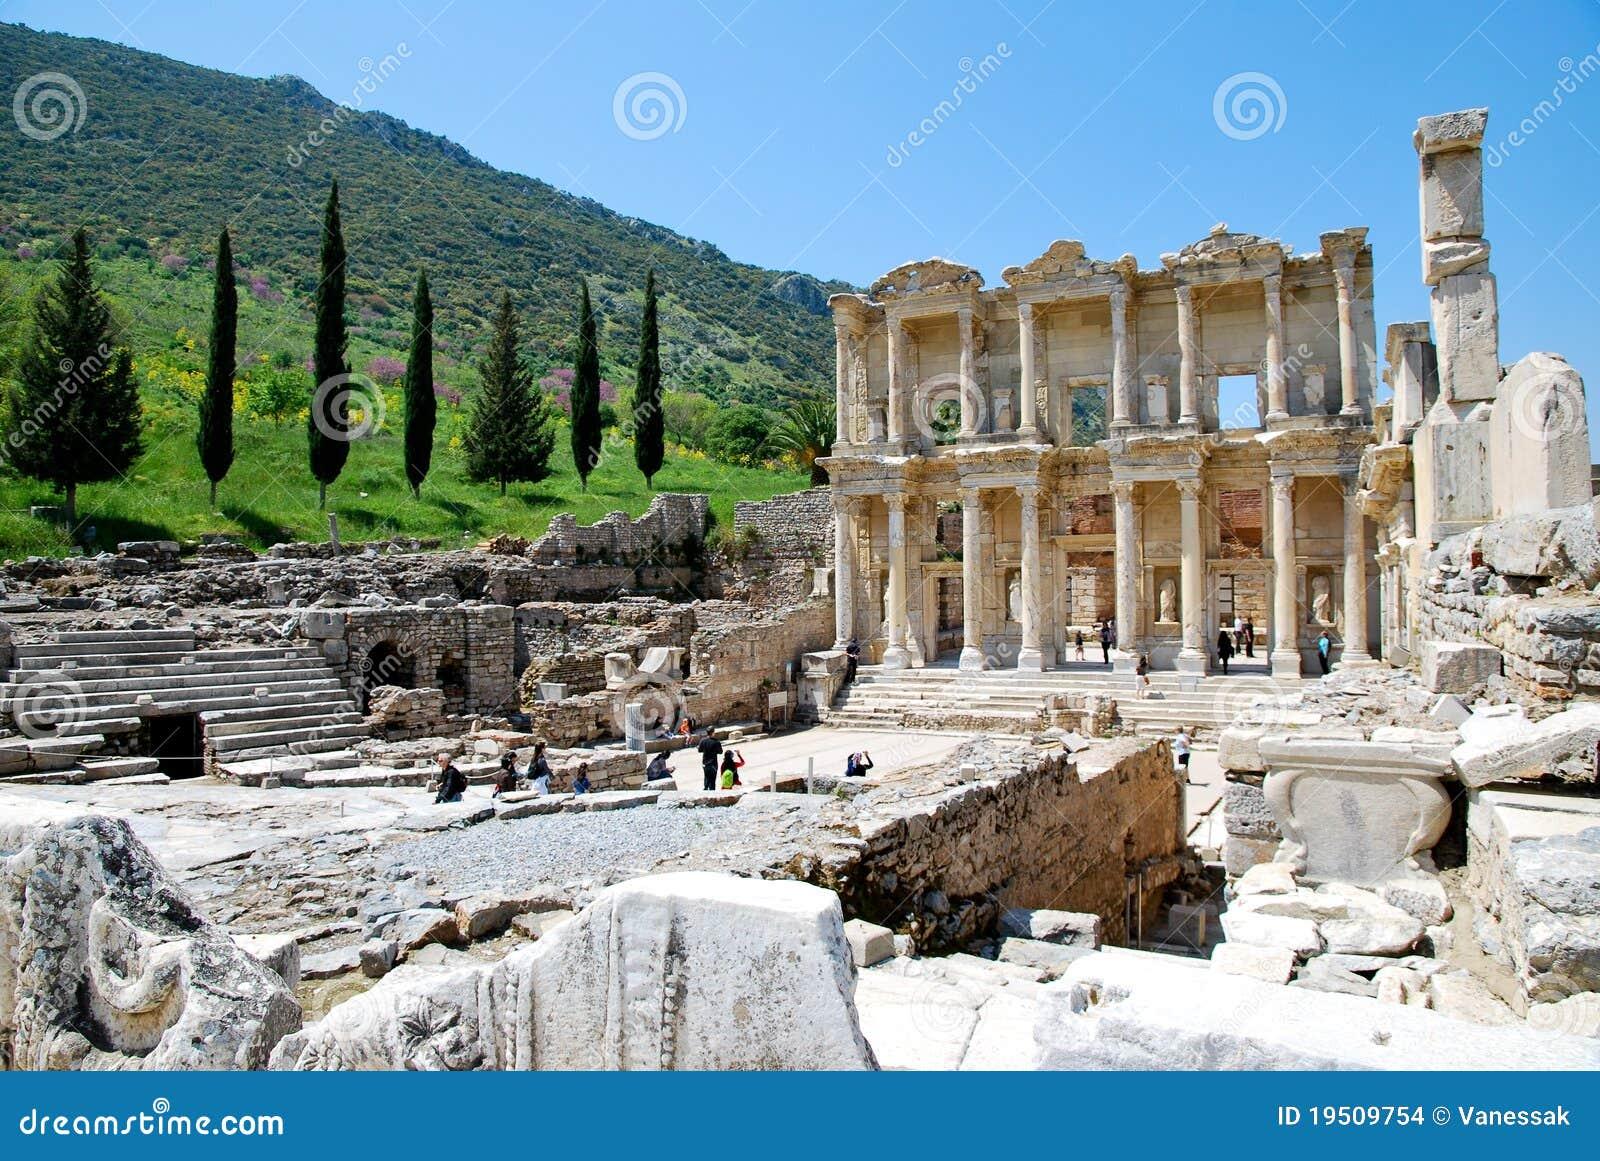 Celsus ephesus图书馆废墟